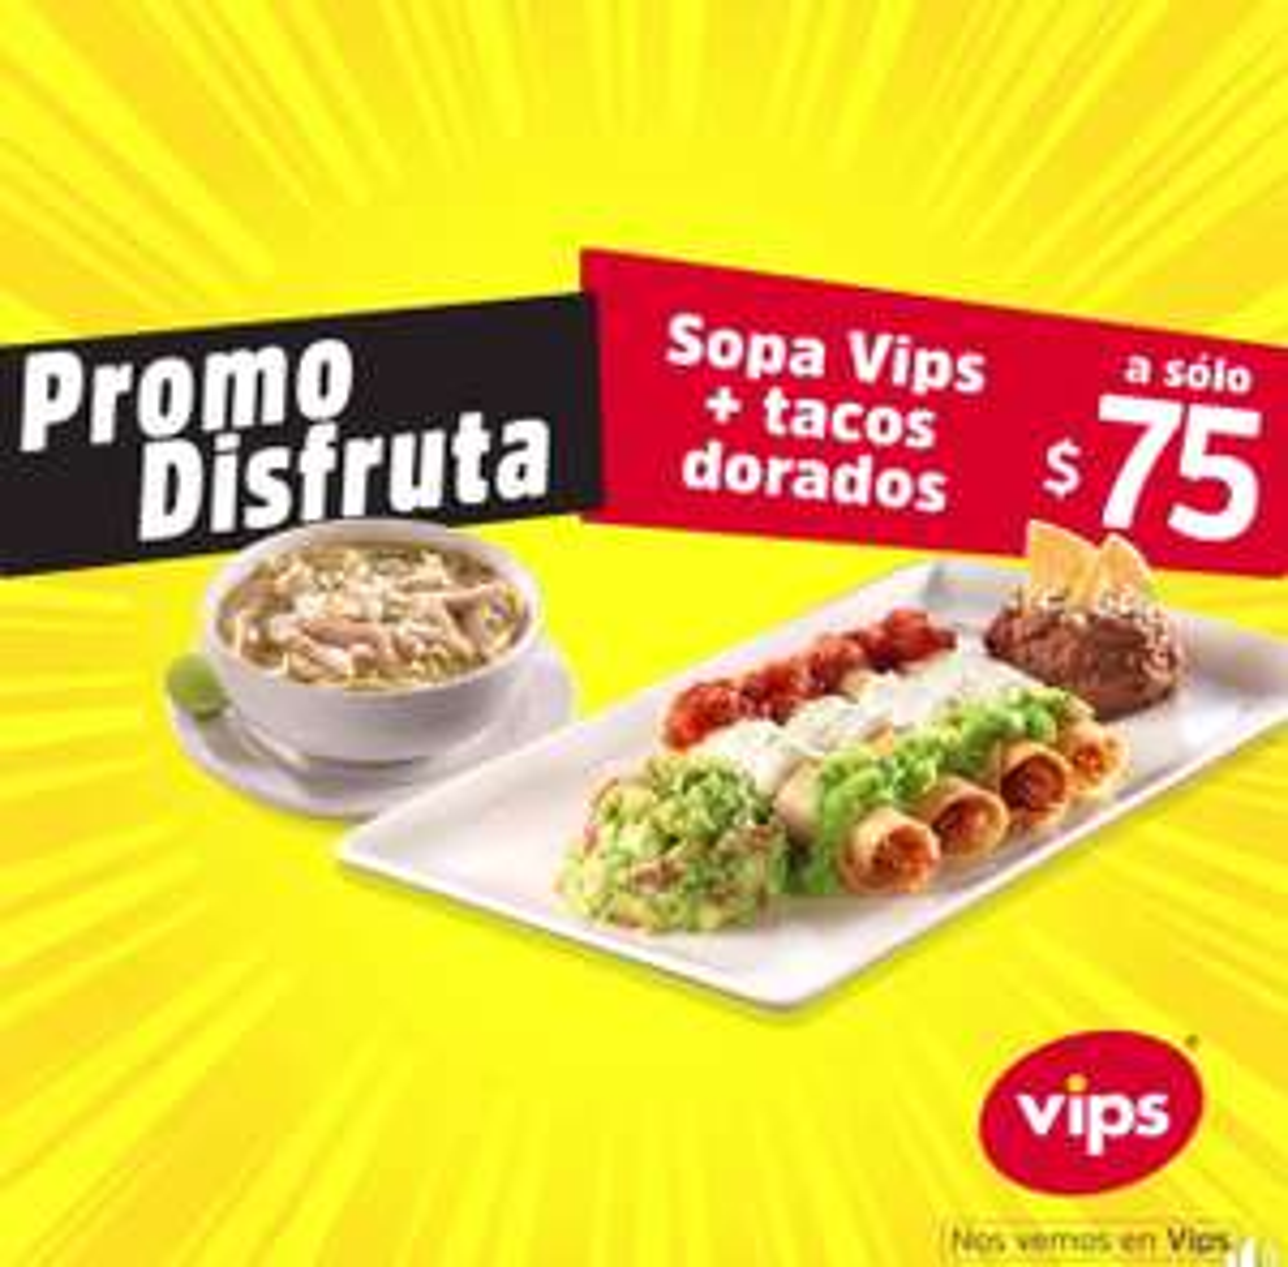 Vips: Promo disfruta (ej. Sopa Vips + Tacos dorados a $75)